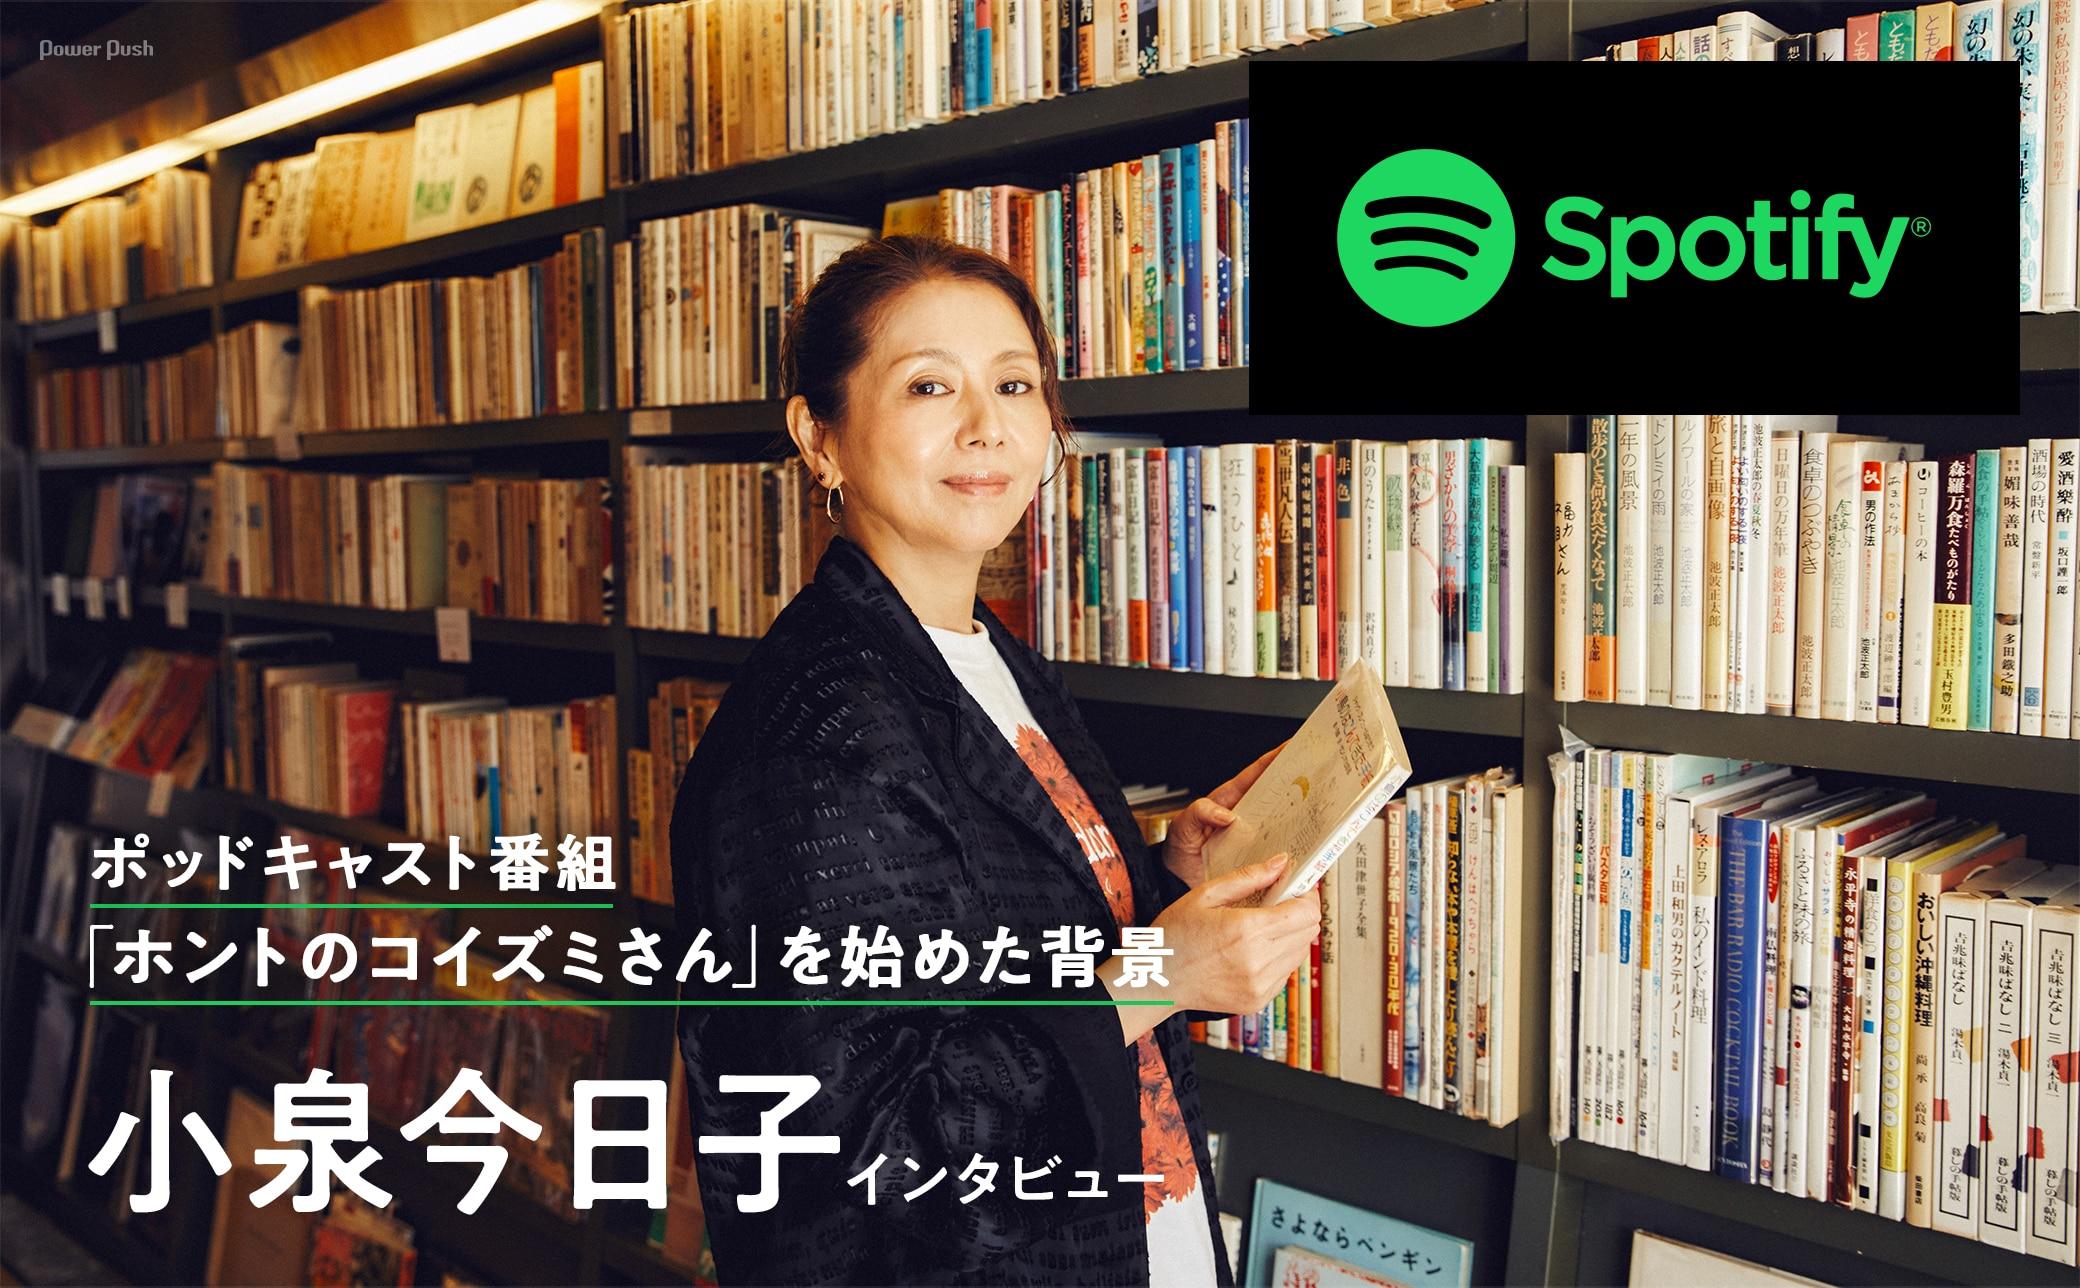 Spotify特集|小泉今日子が語るポッドキャストの魅力、新番組「ホントのコイズミさん」を始めた背景